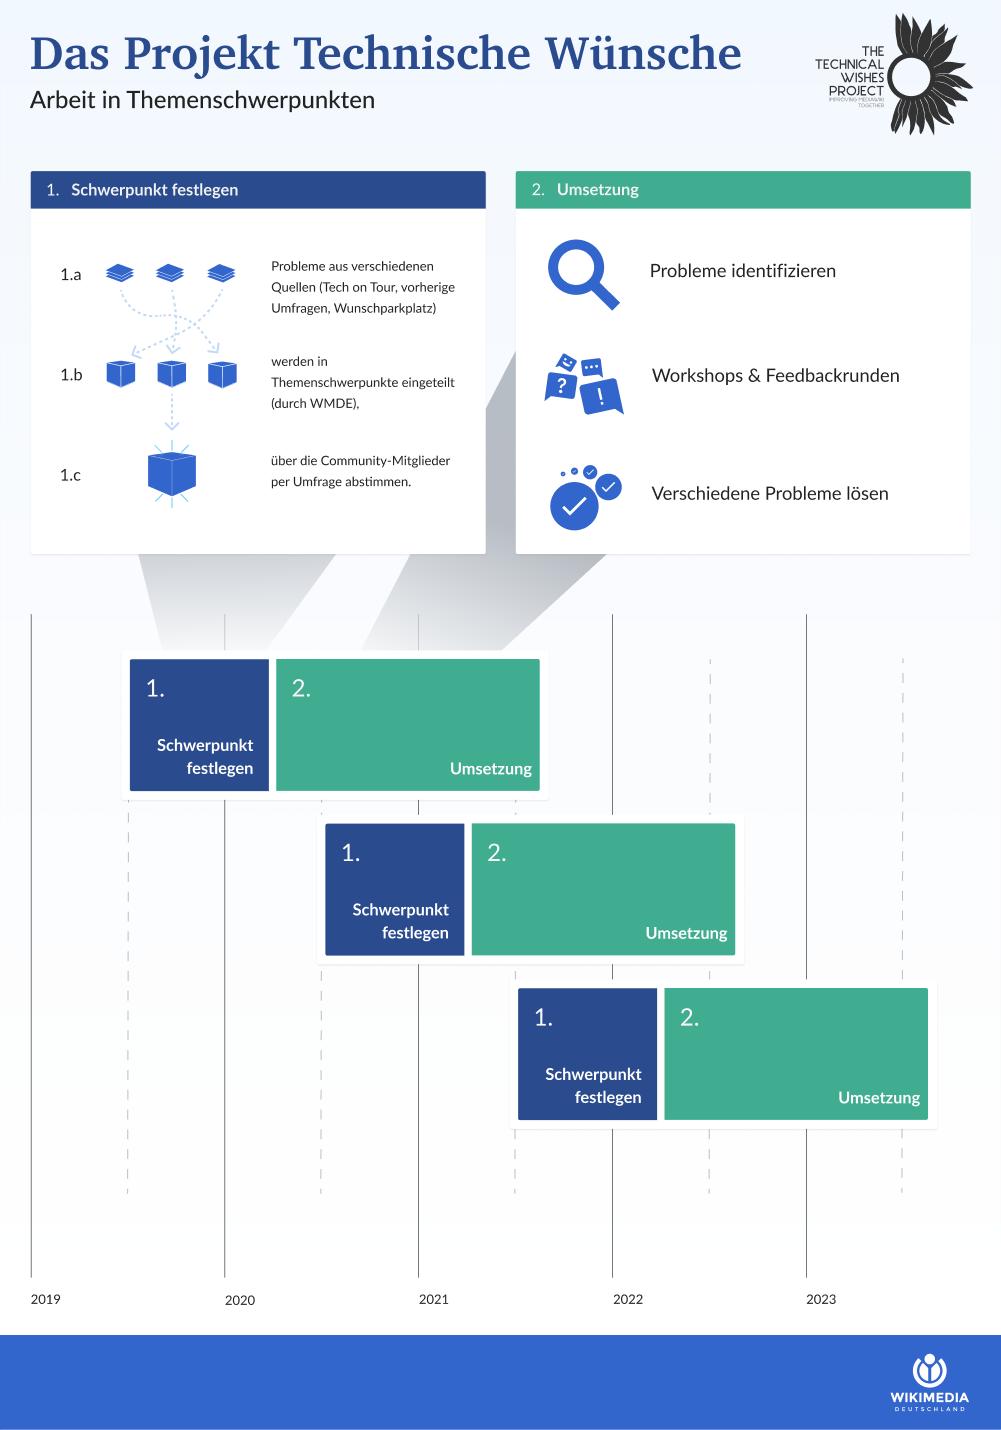 Erdinc Ciftci (WMDE), Technische Wünsche Prozess Themenschwerpunkte, CC BY-SA 4.0